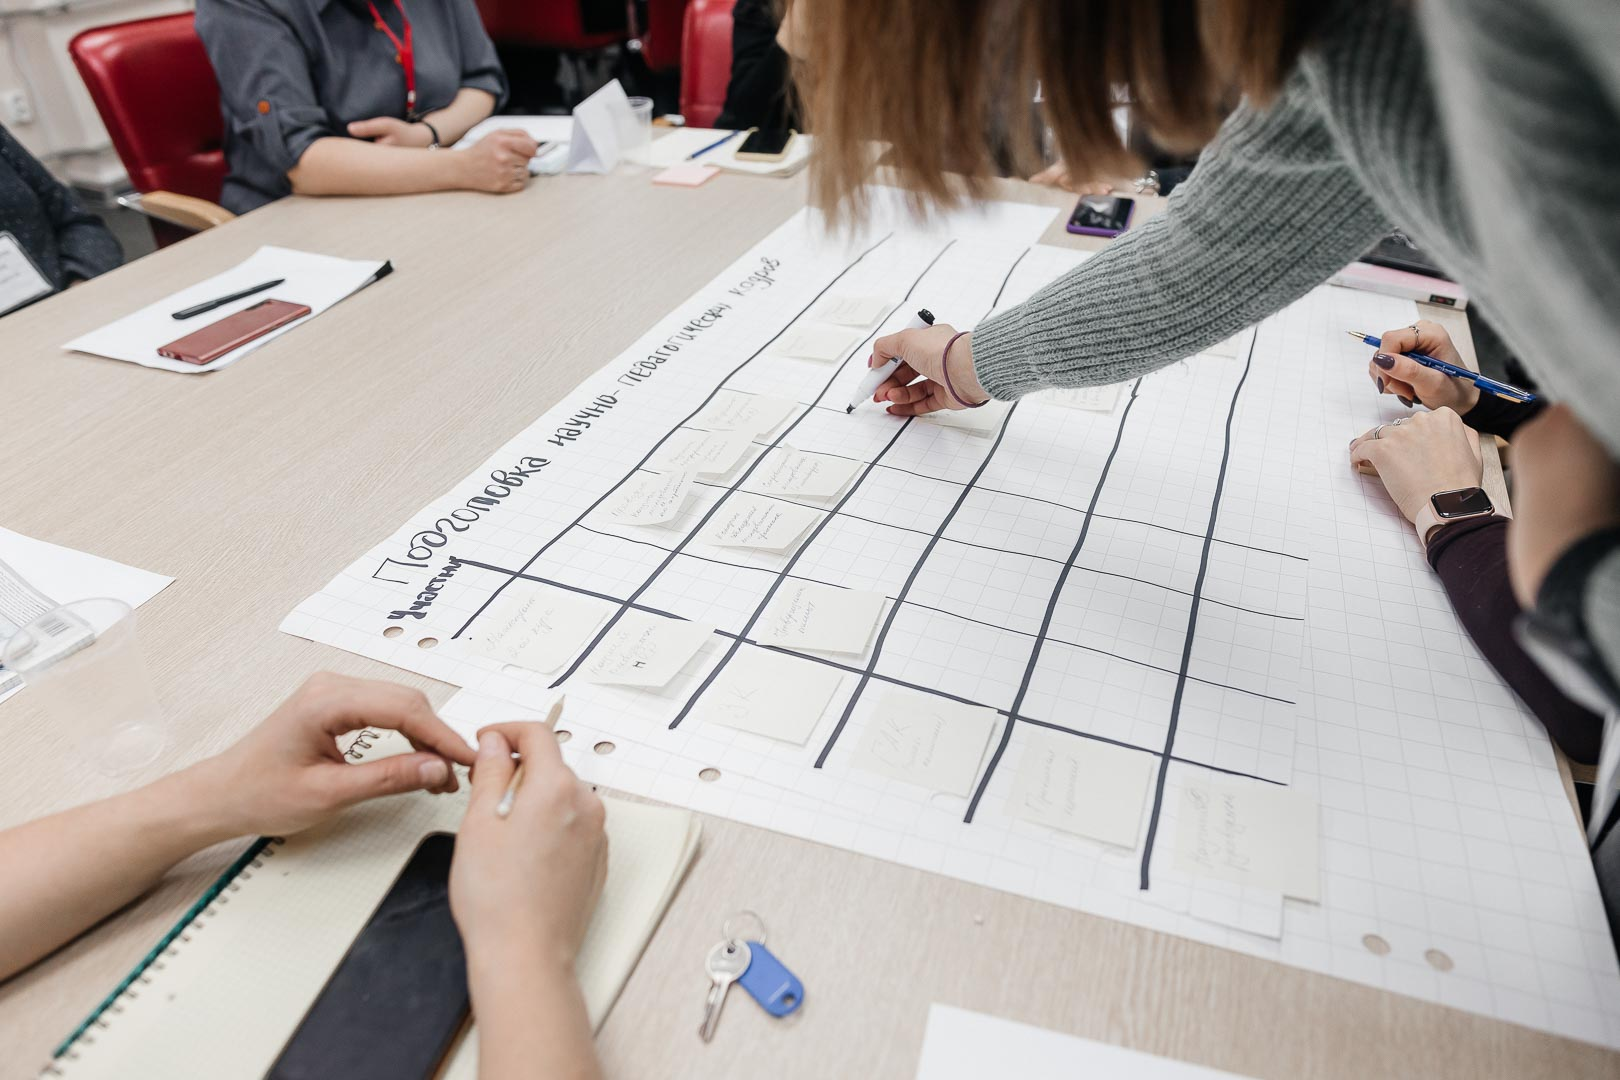 Стратегические сессии со специалистами «Росатома» задали новый вектор развития проектных команд вуза